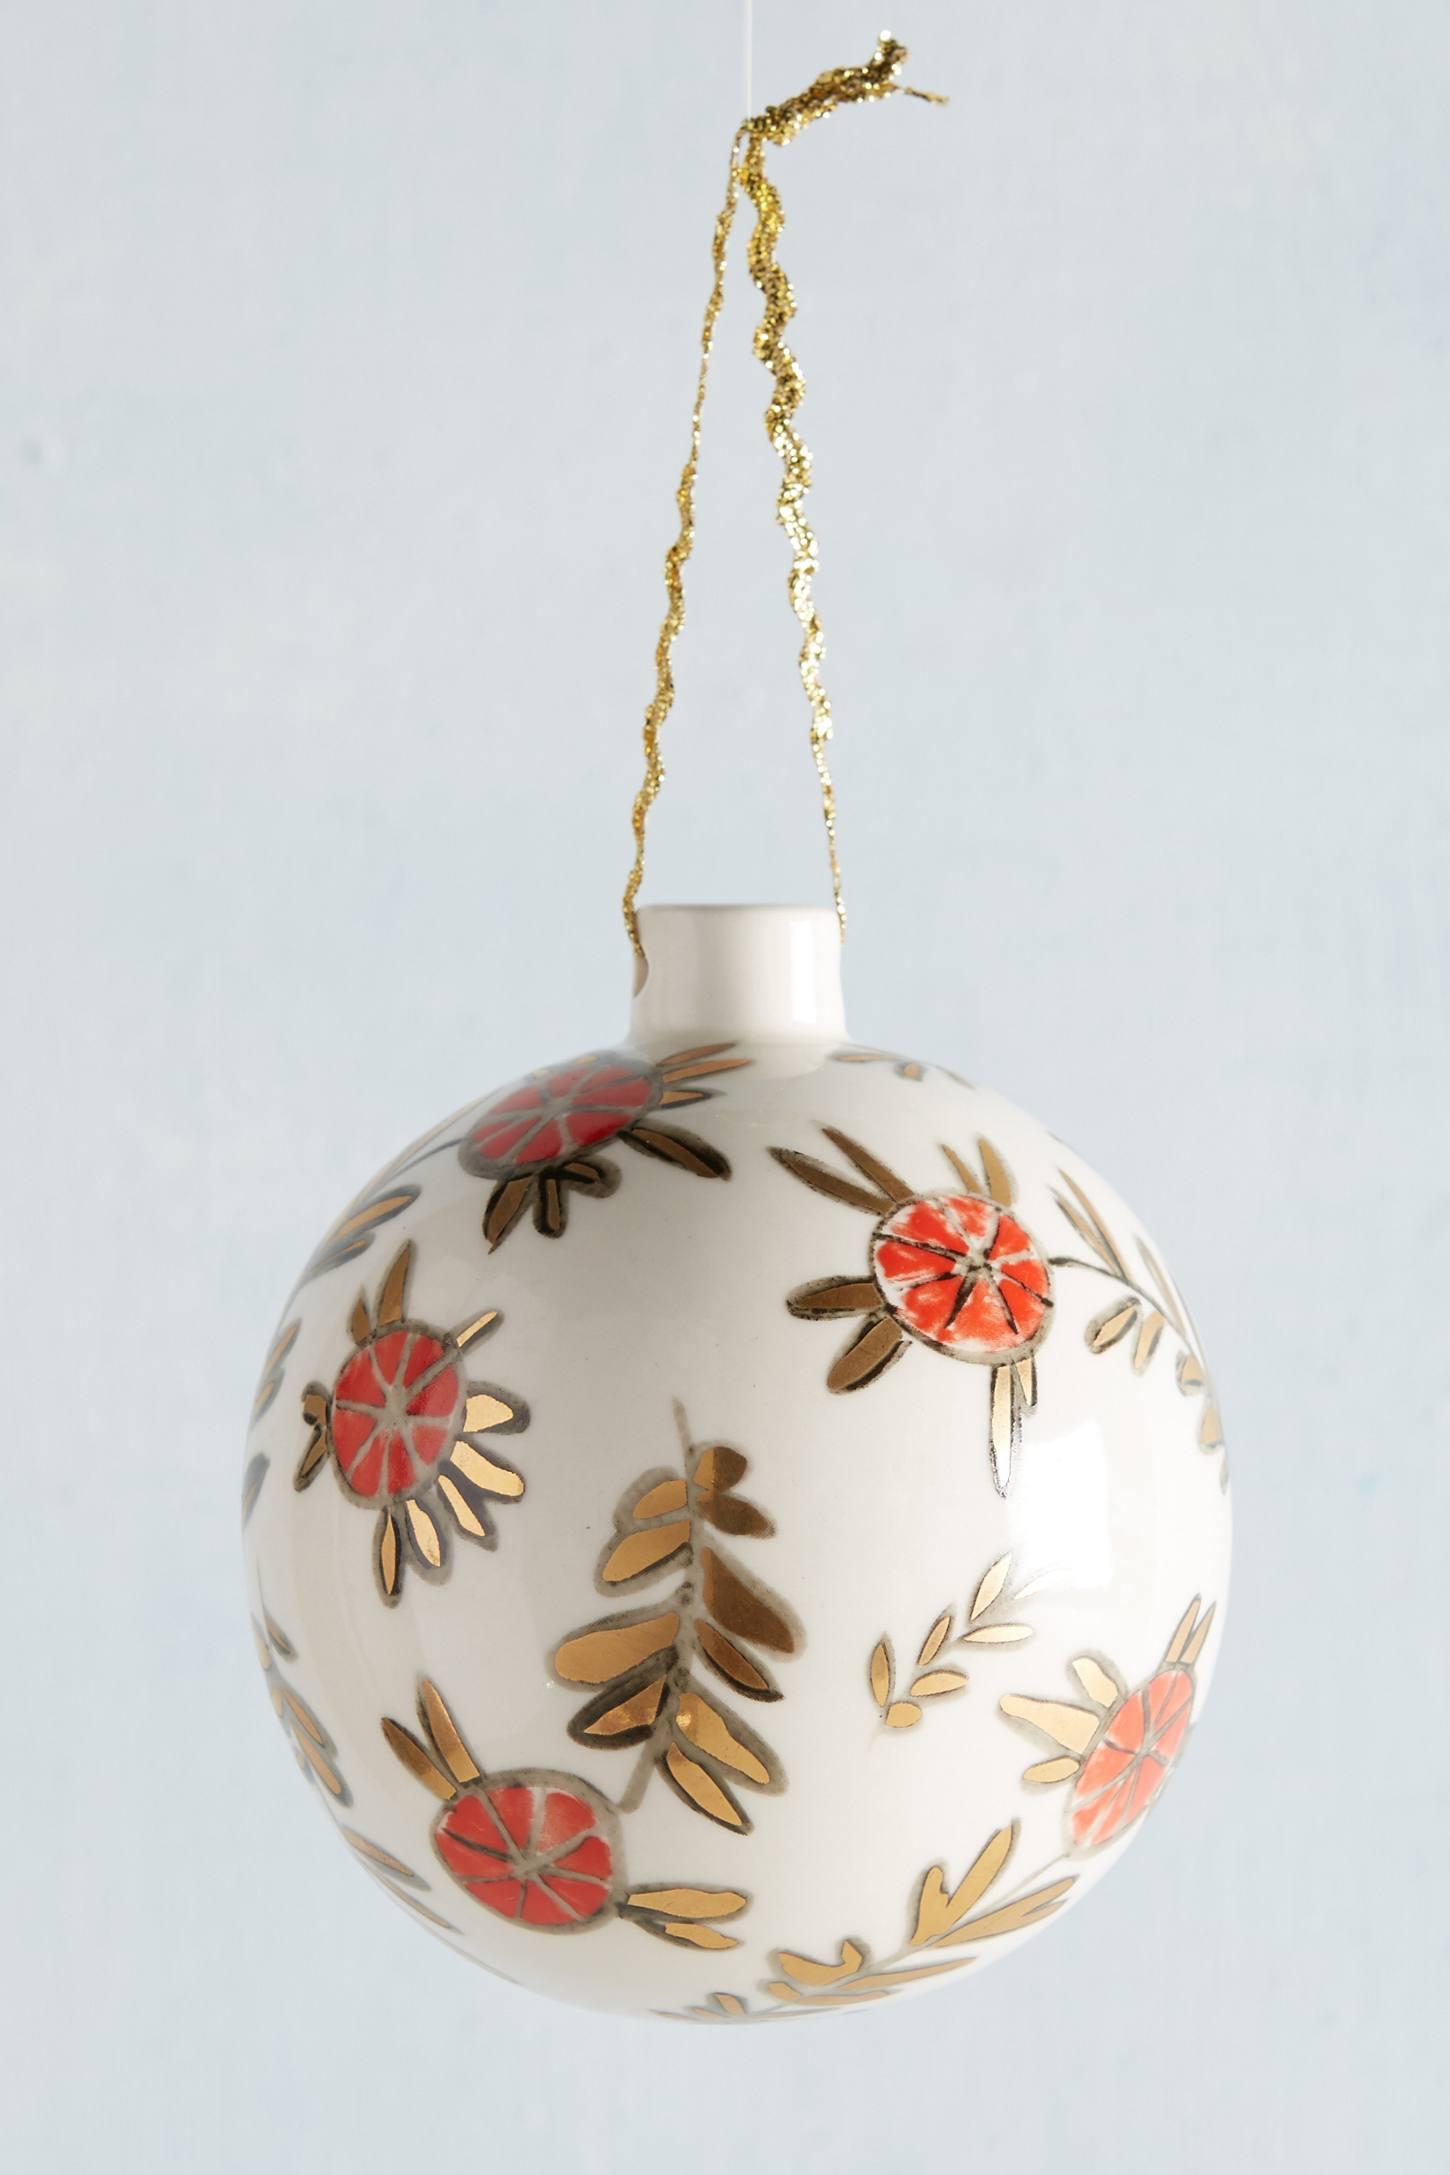 Ceramic Cheer Ornament